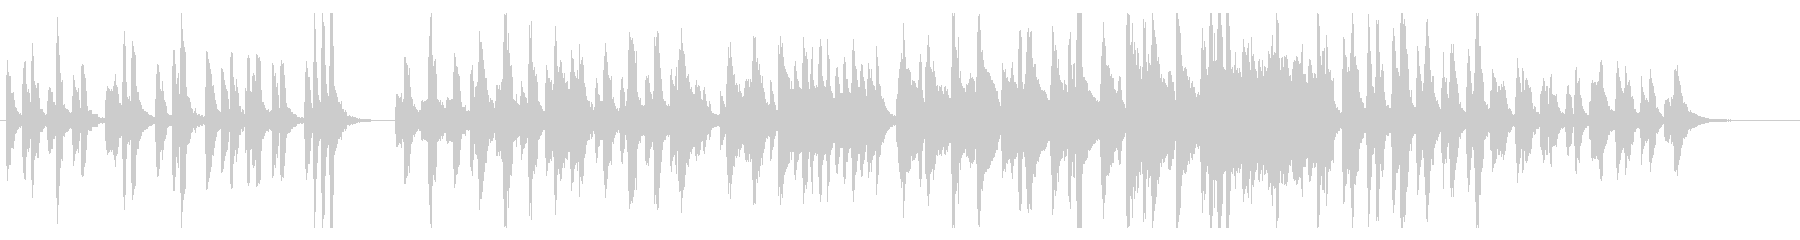 ほのぼの系管楽器アンサンブルの未再生の波形